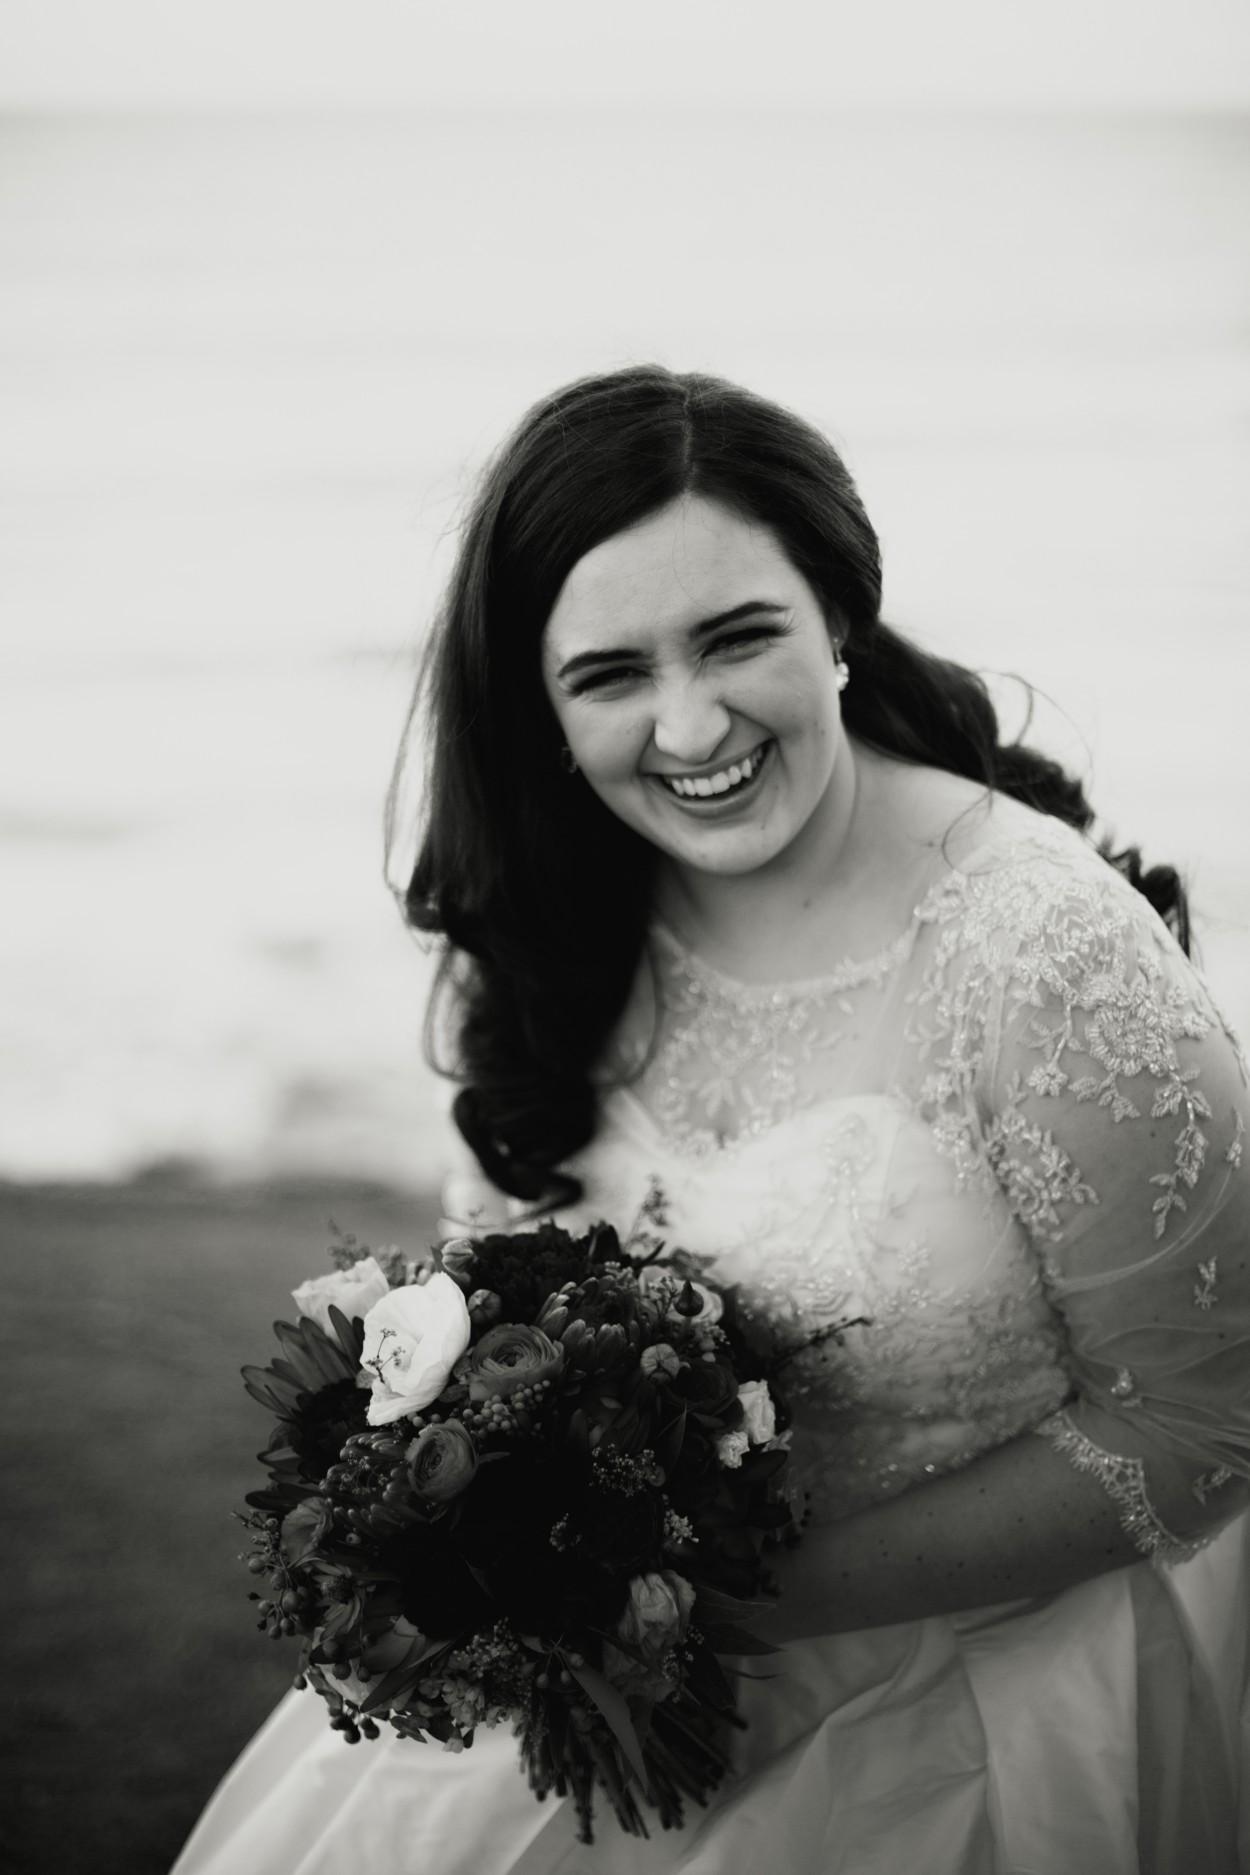 I-Got-You-Babe-&-Co.-Wedding-Photographers-Jazza009.jpg